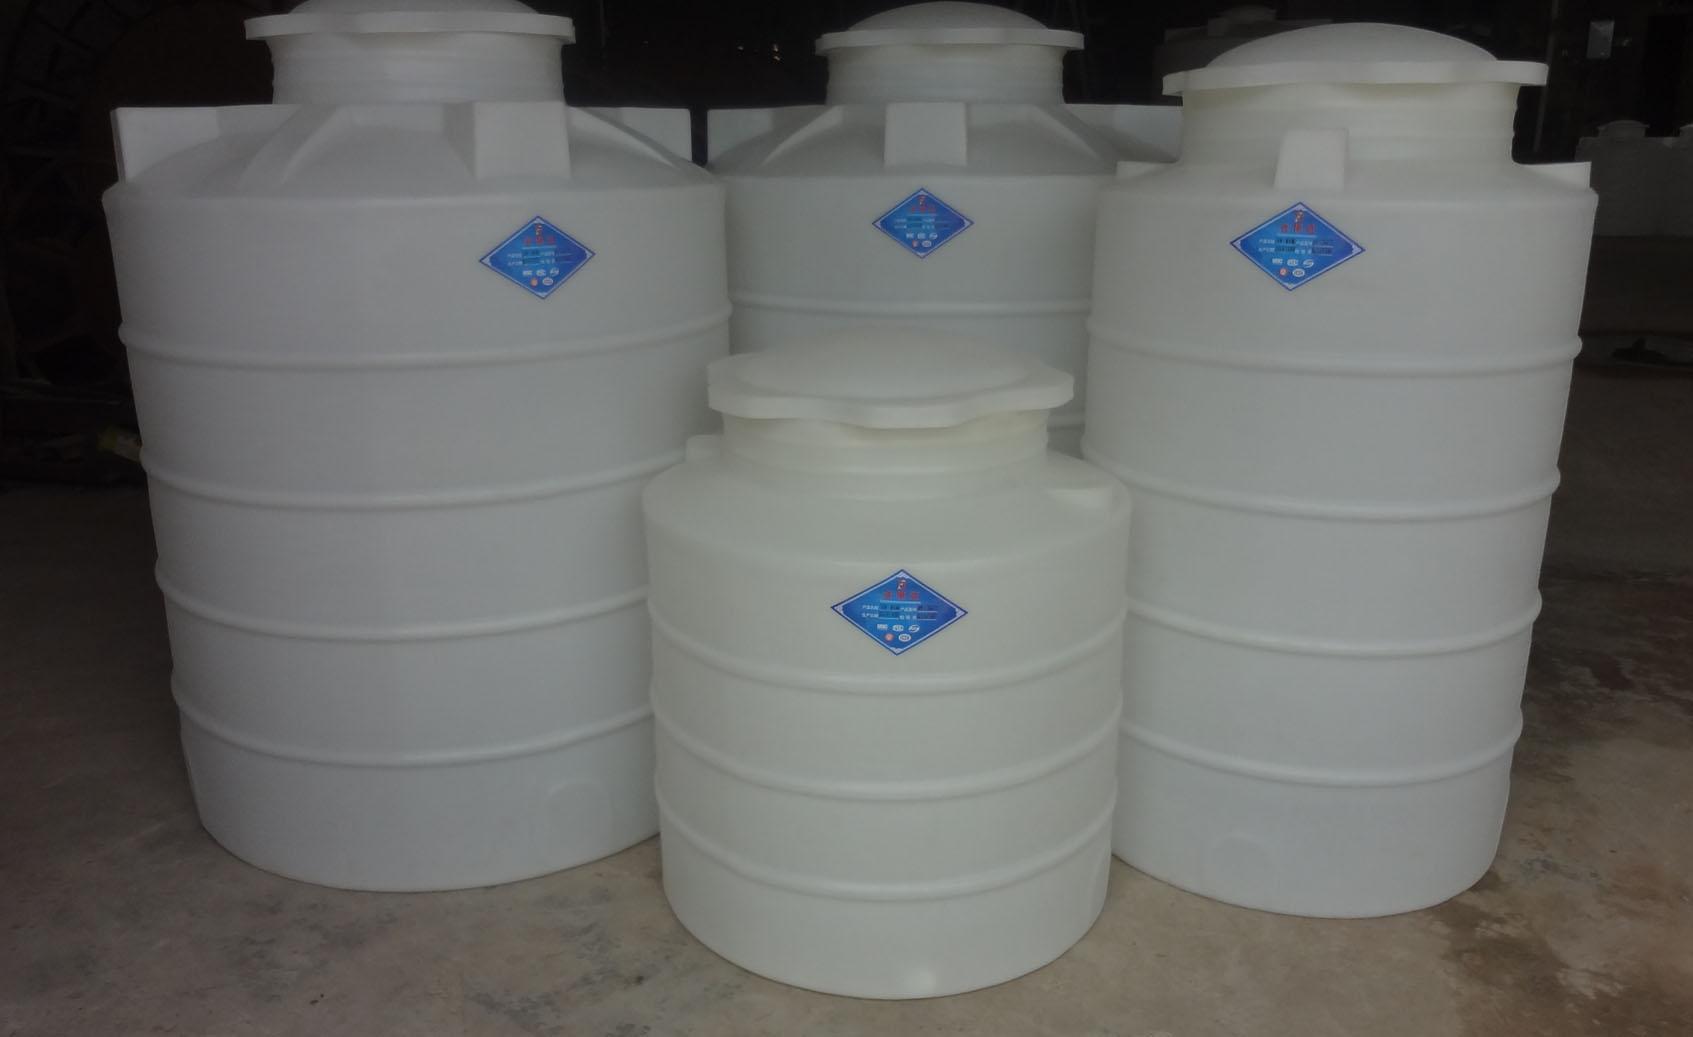 3000L塑料水箱,PE水箱,塑料水塔,塑胶水箱,PE储罐,化工储罐 规格:直径1500MM,高度2150MM 重量:60KG 厚度:6MM(可根据客户要求加厚) 颜色:黄,白,蓝,橙,黑 应 用:高层建筑二次供水、蓄水;水处理净化设备配套;工业用冷却水、化工制剂、化工原料、各种油品、饮品的储存、运输。 售后:我们郑重承诺凡本司所销售产品实行售后7天包换(非人为及不可抗拒的因素),一年内免费维修,终身网络技术指导。公司还可根据客户指定尺寸开模生产,欢迎新老客户来电咨询。 性能:抗强震,不易老化,不长水藻,